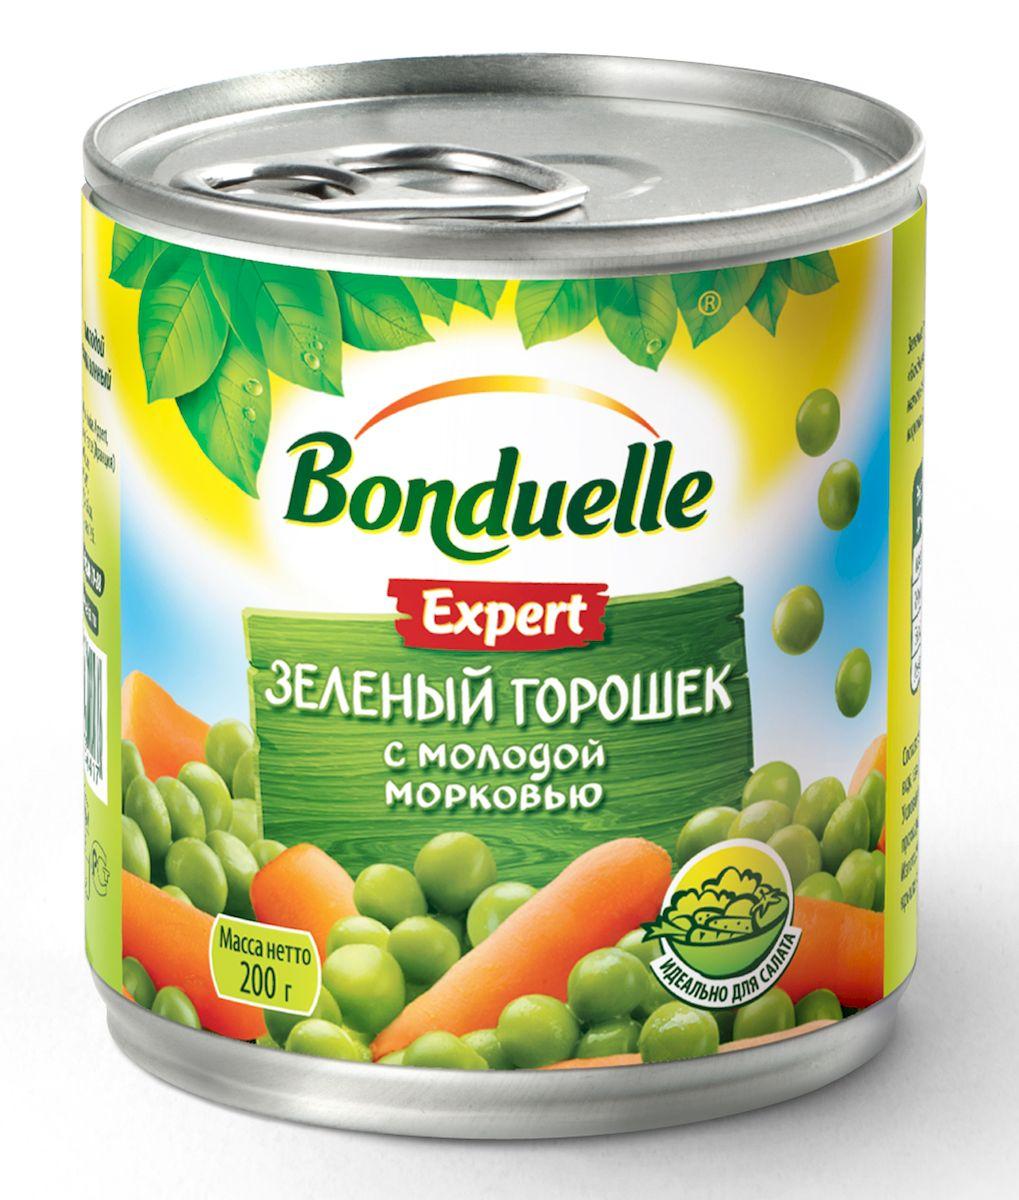 Bonduelle зеленый горошек с молодой морковью, 200 г